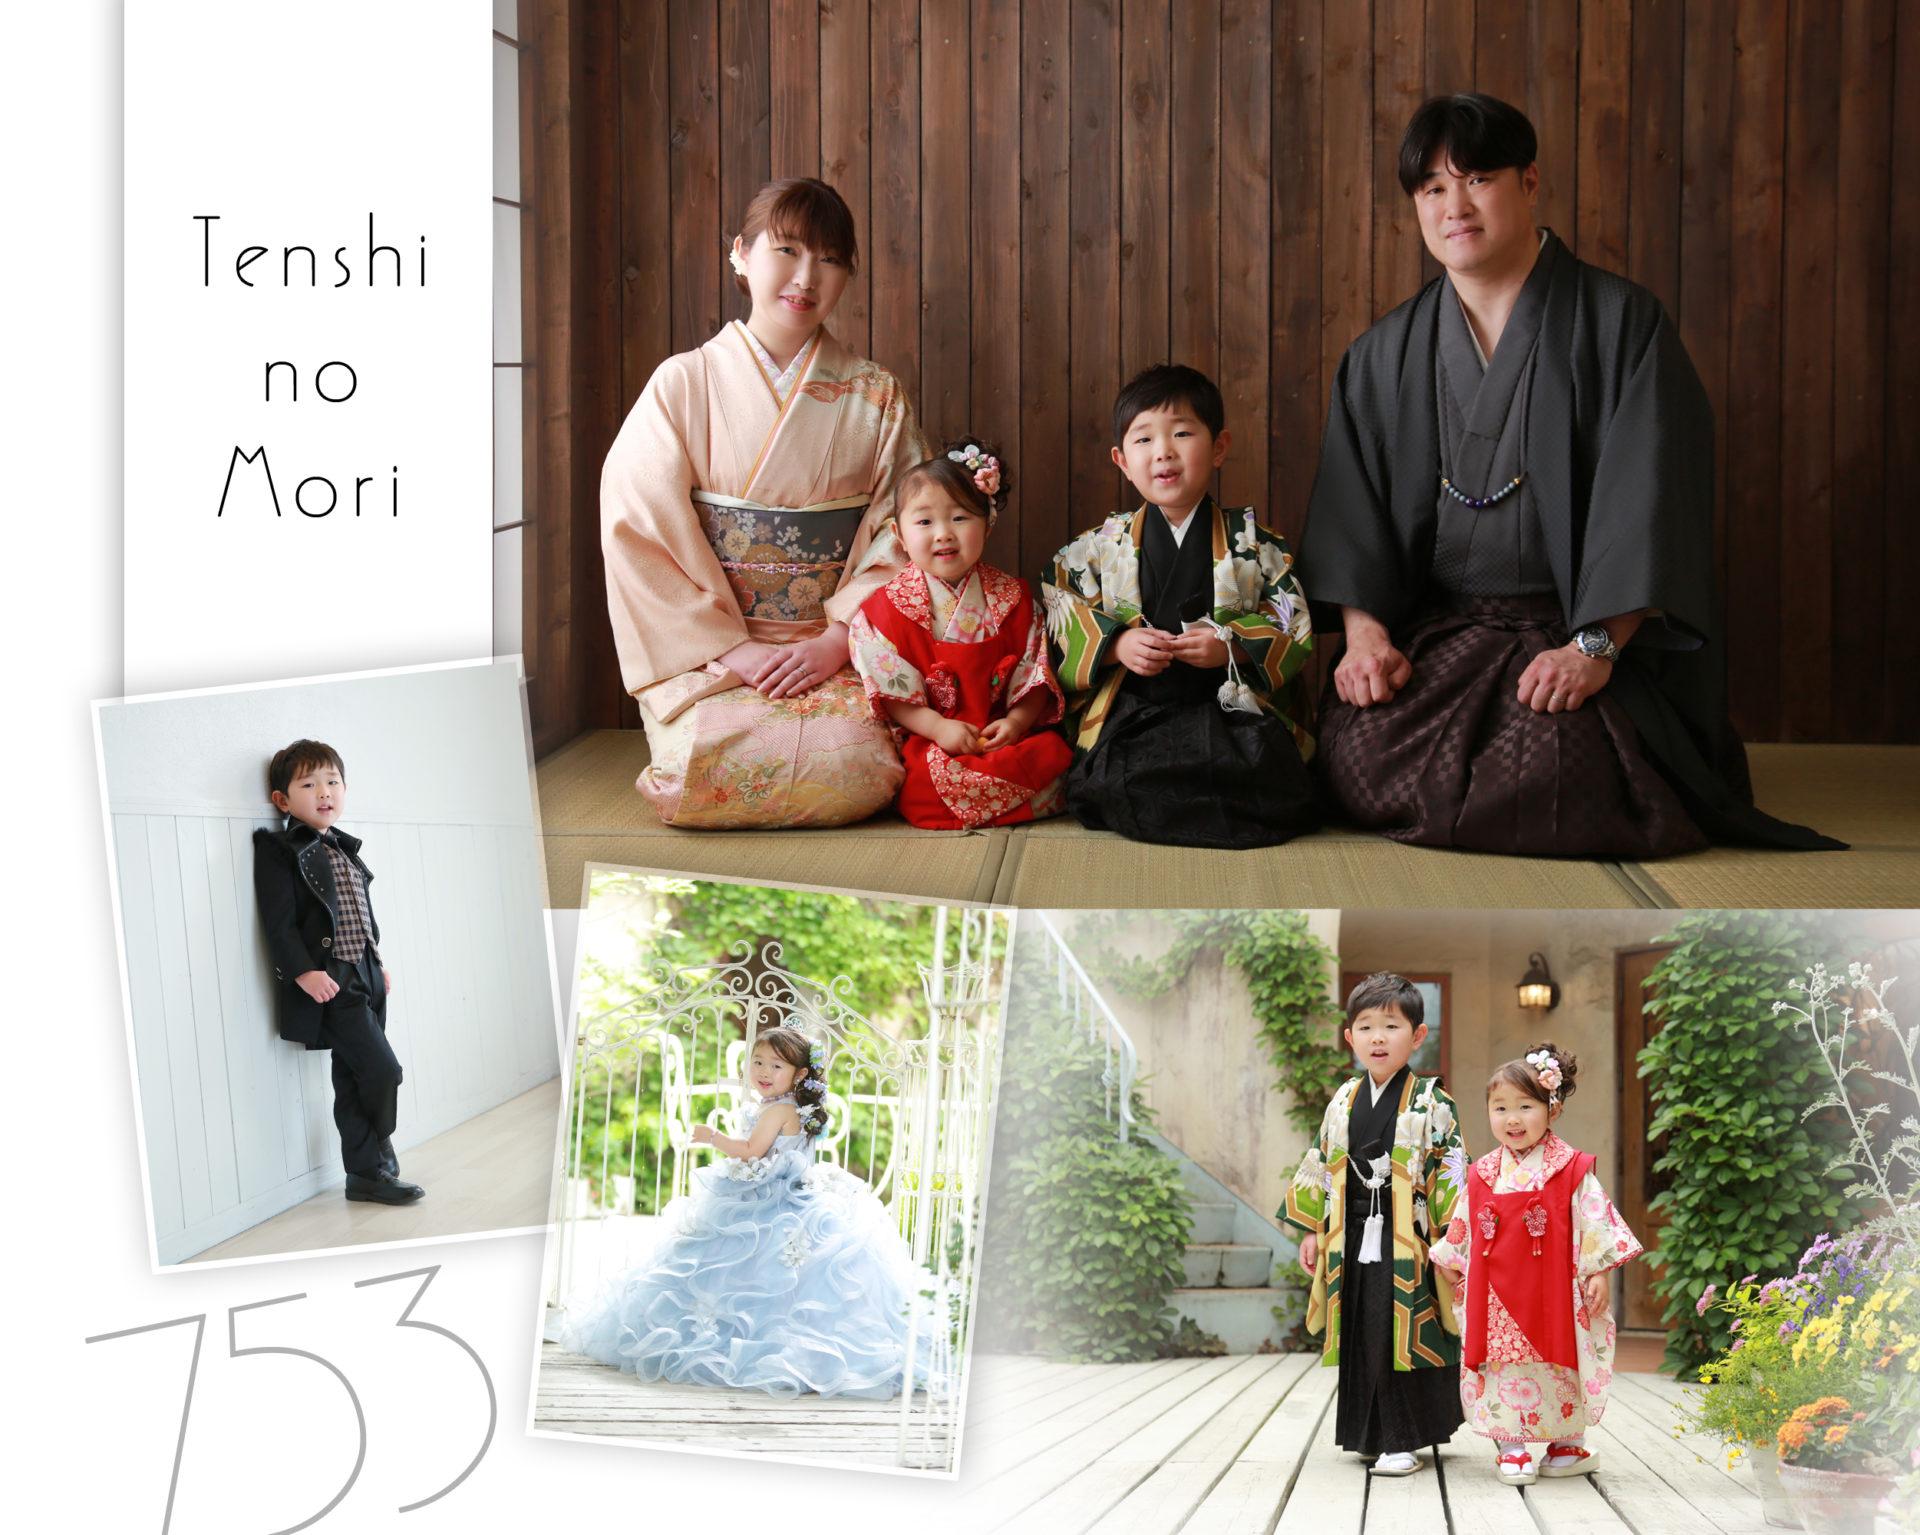 関東 栃木県 写真館 天使の森 七五三